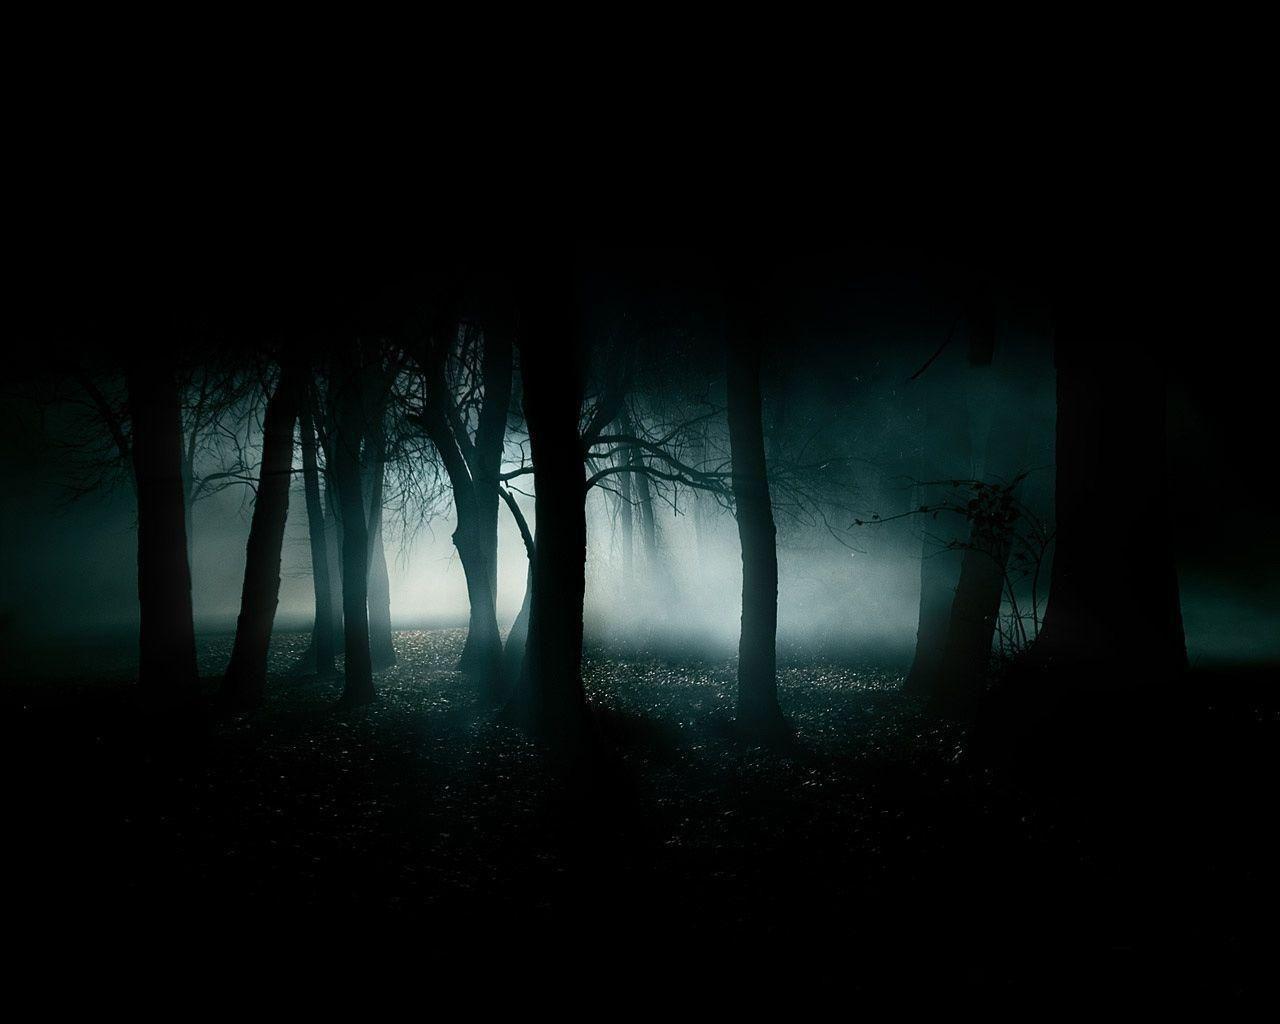 Resultado de imagen de Noche oscura